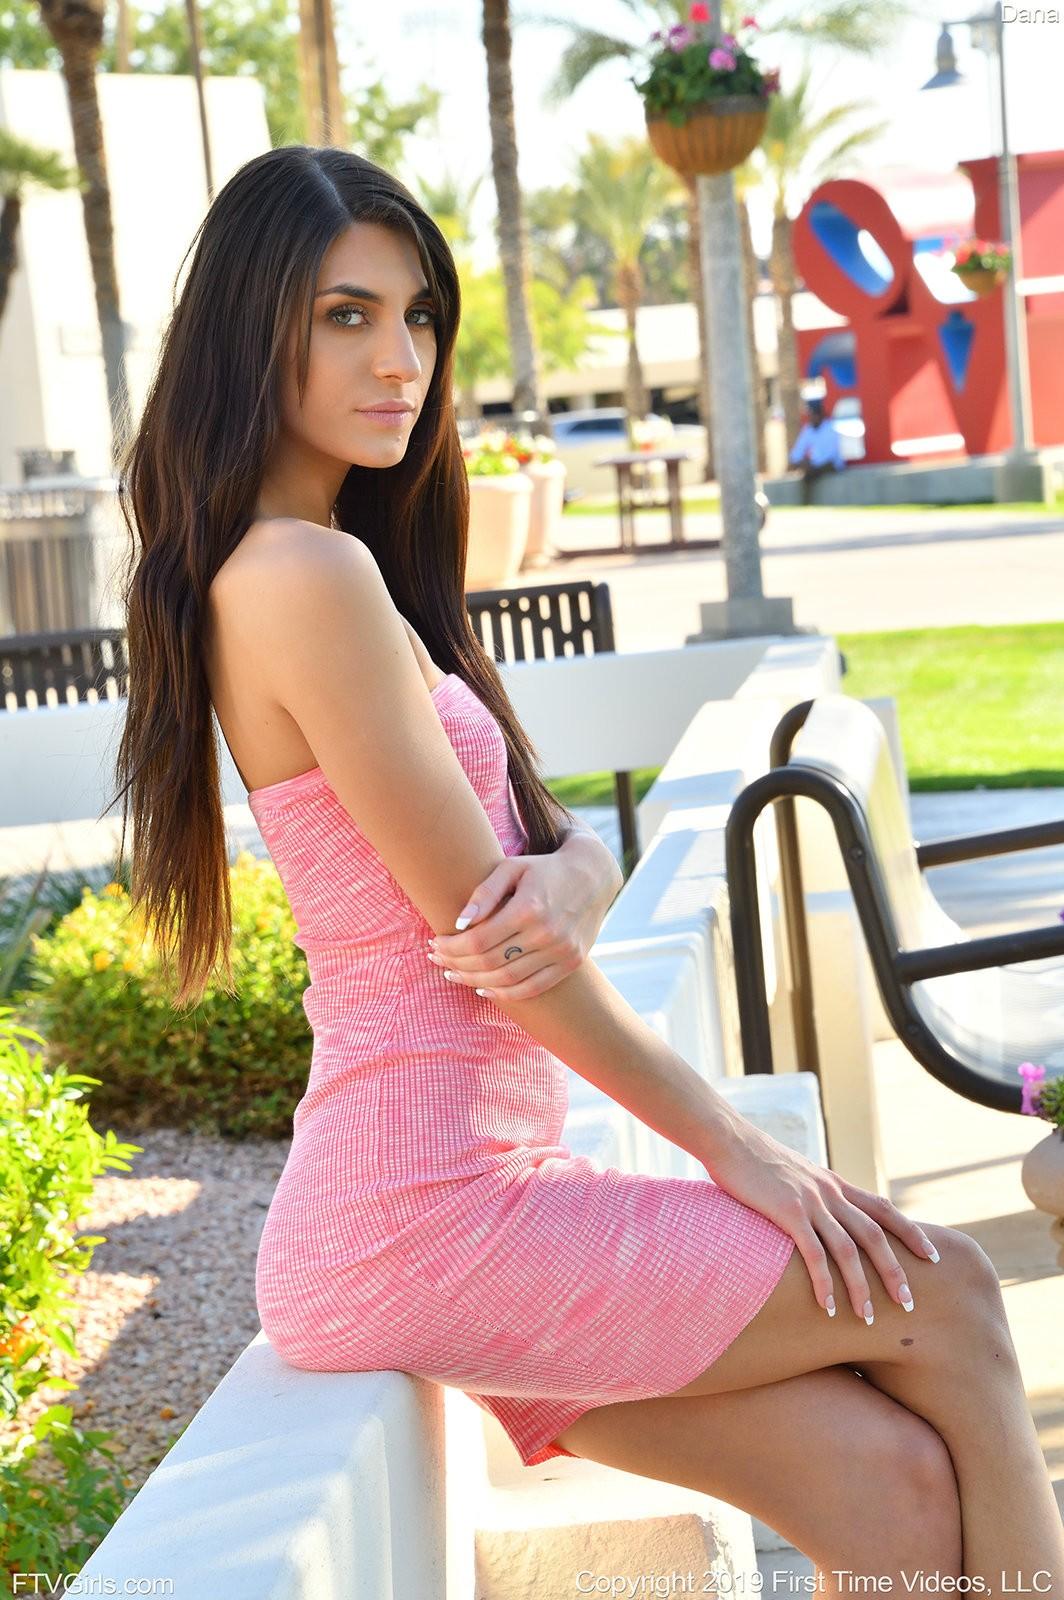 Стройная девушка в платье без трусов - фото